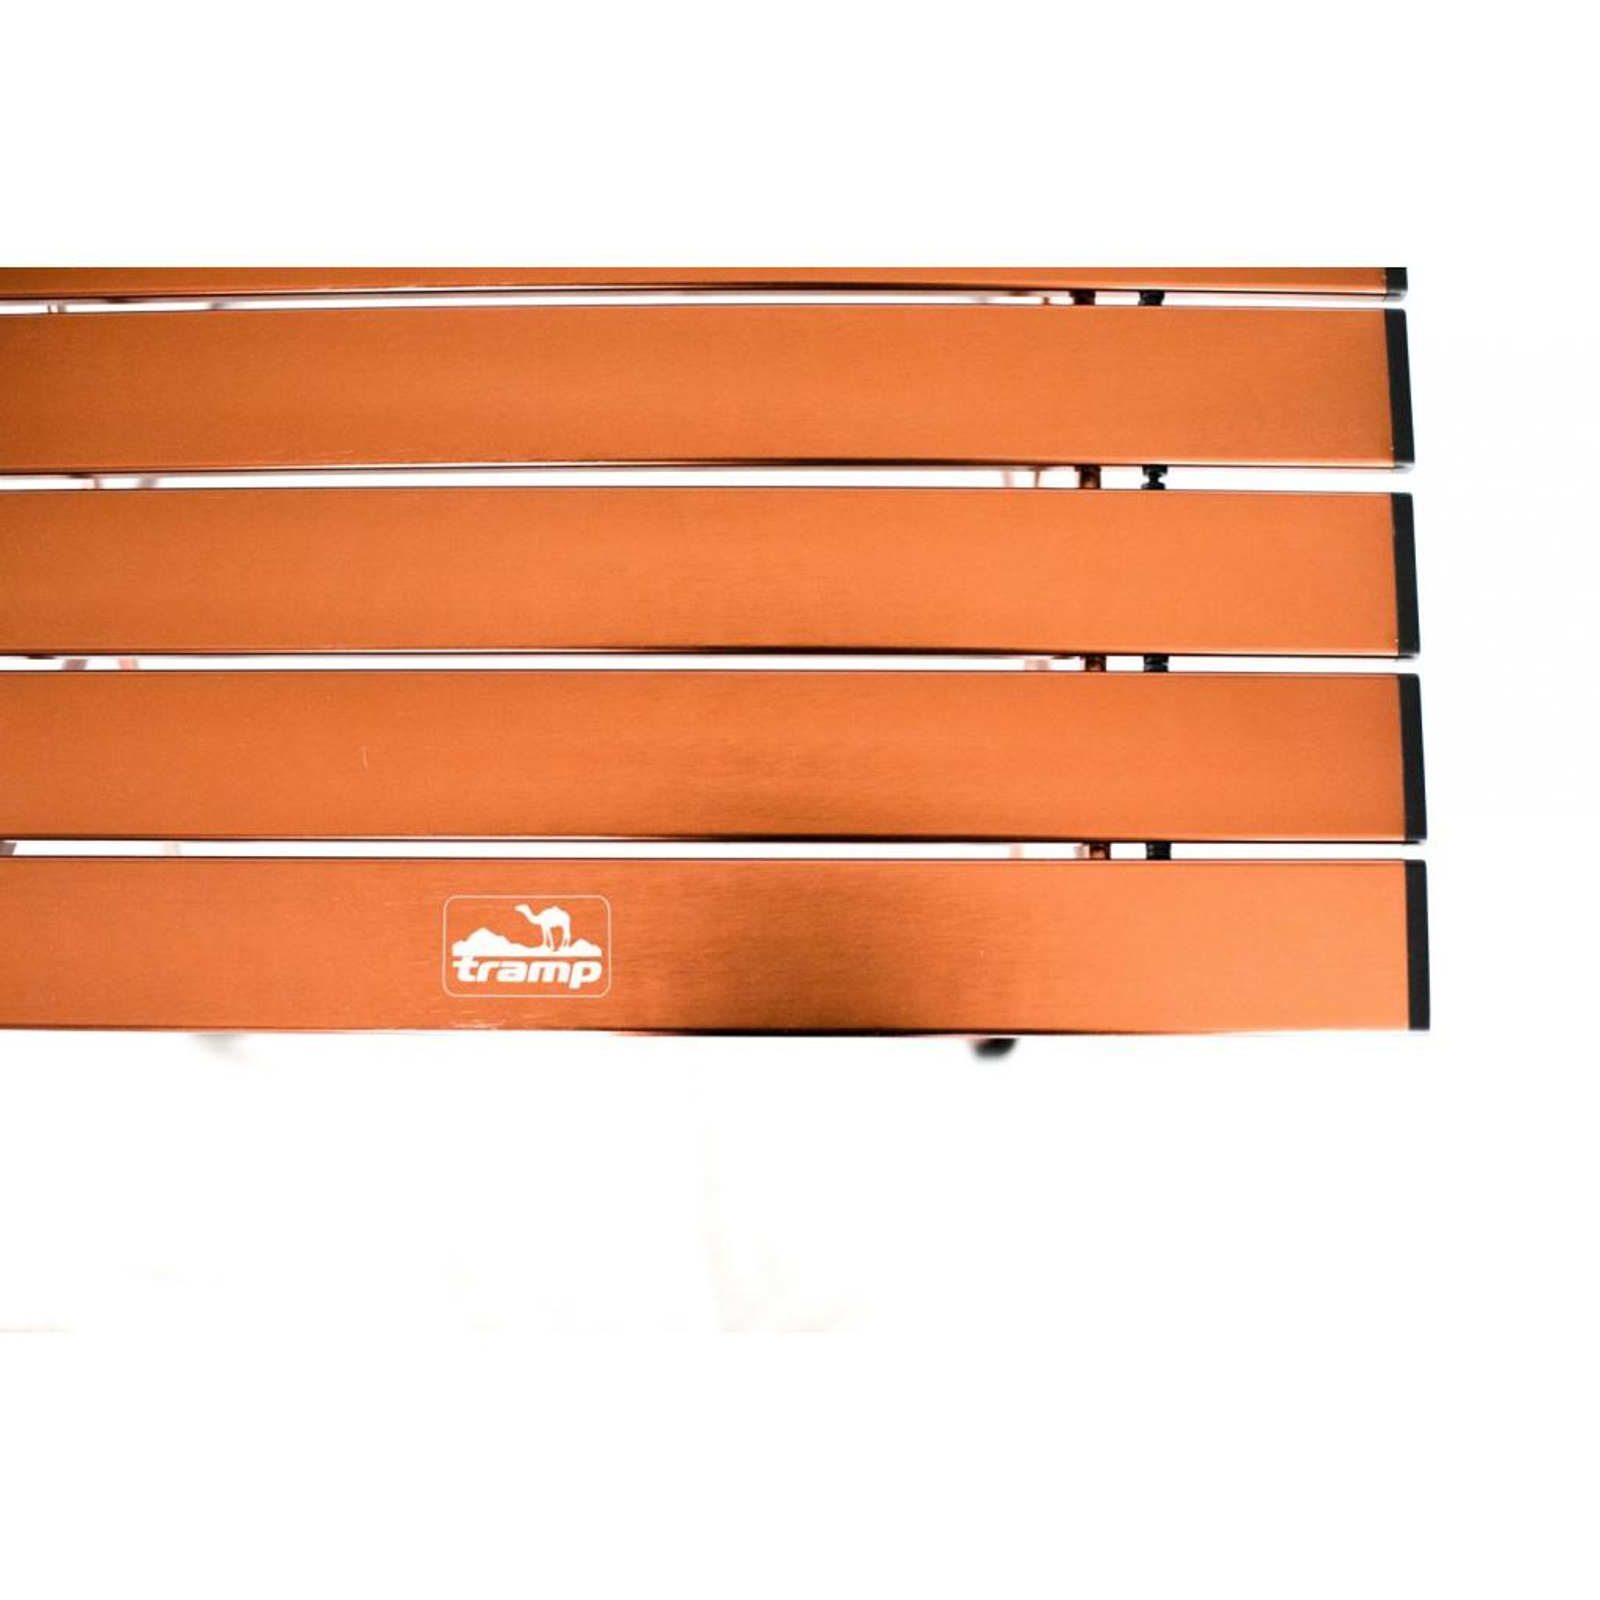 Туристический стол Tramp COMPACT алюминиевый 55х40х38см (TRF-061) изображение 2